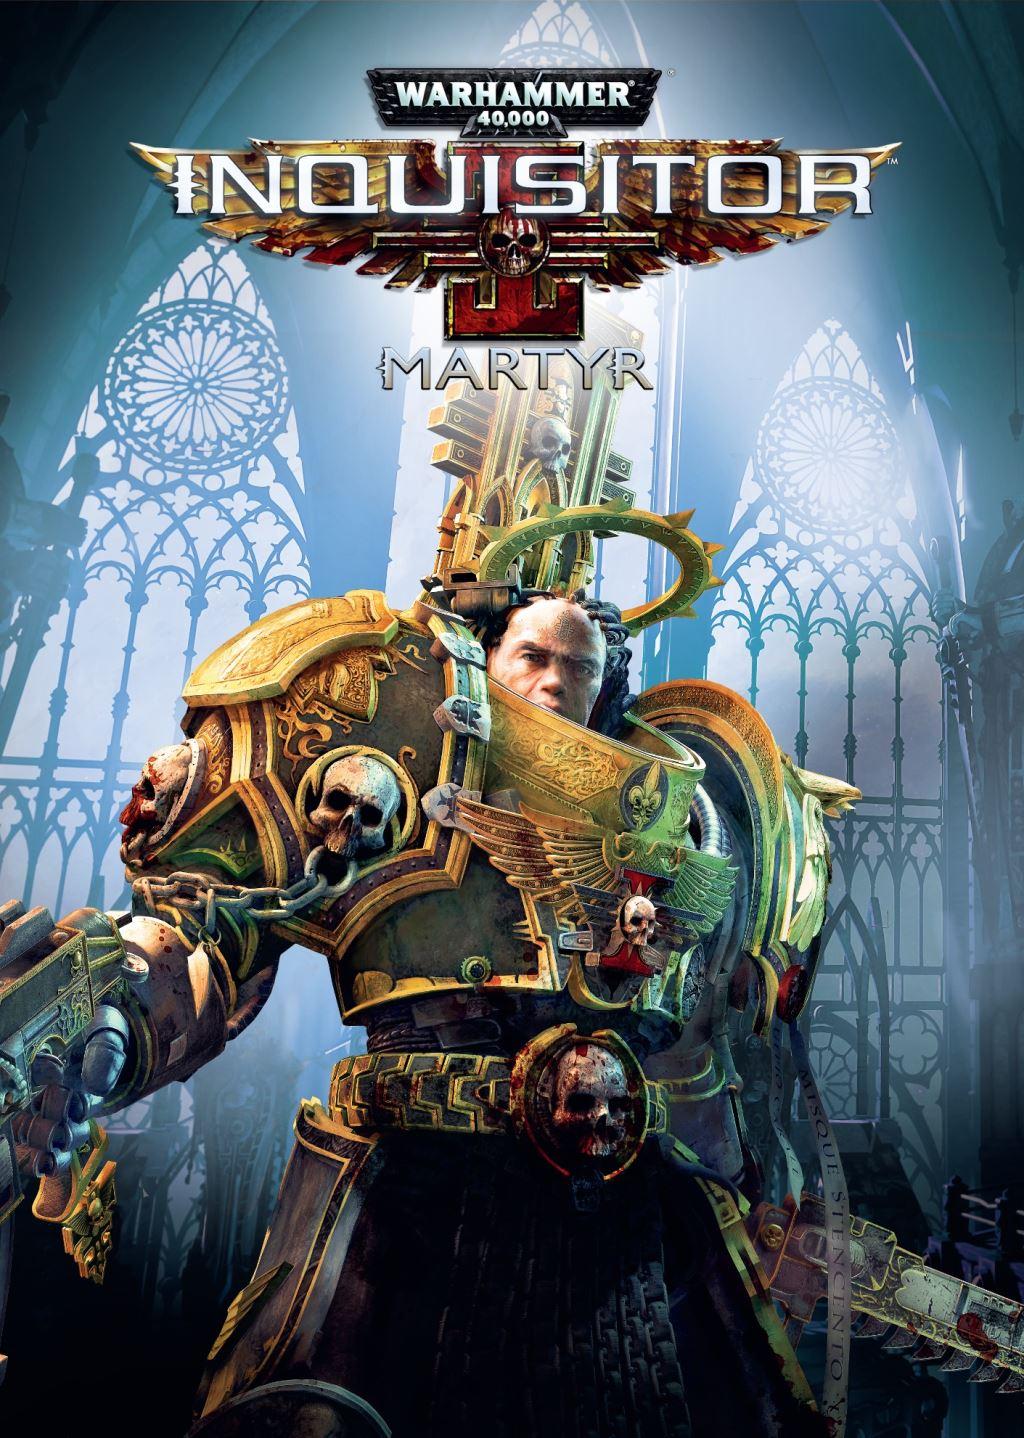 warhammer-40k-inquisitor-martyr